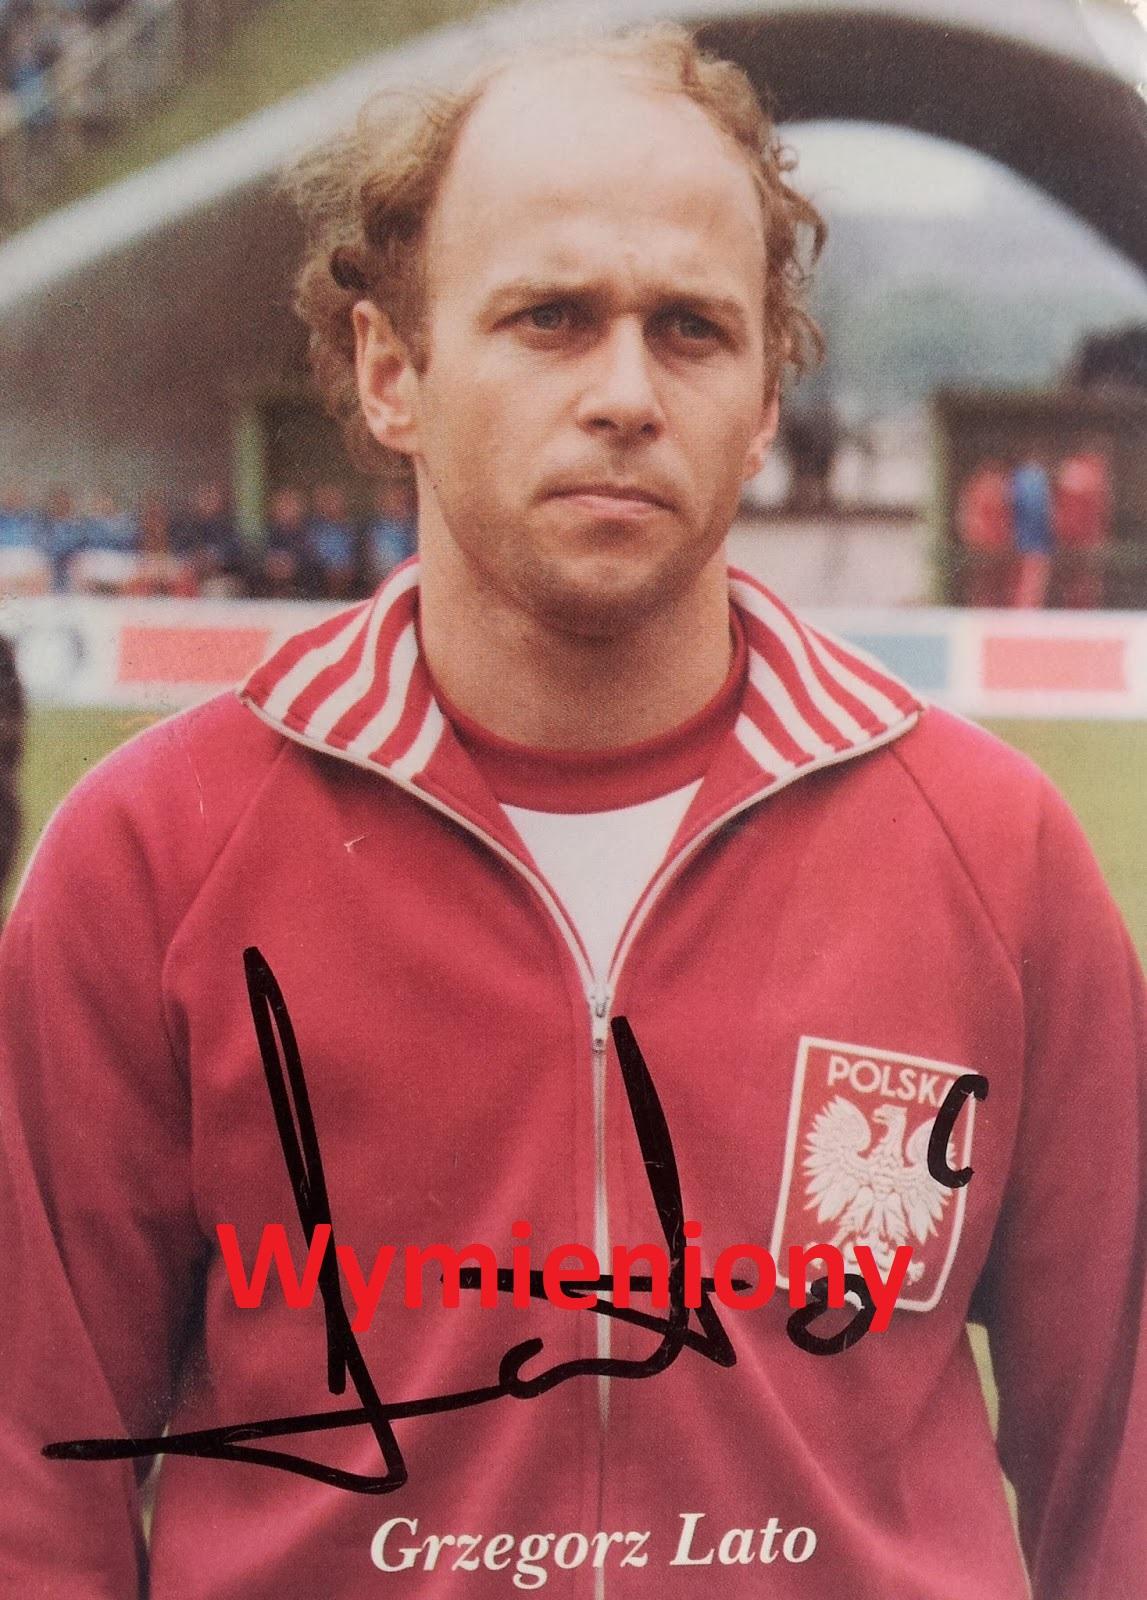 Autografy Norbiego Grzegorz Lato